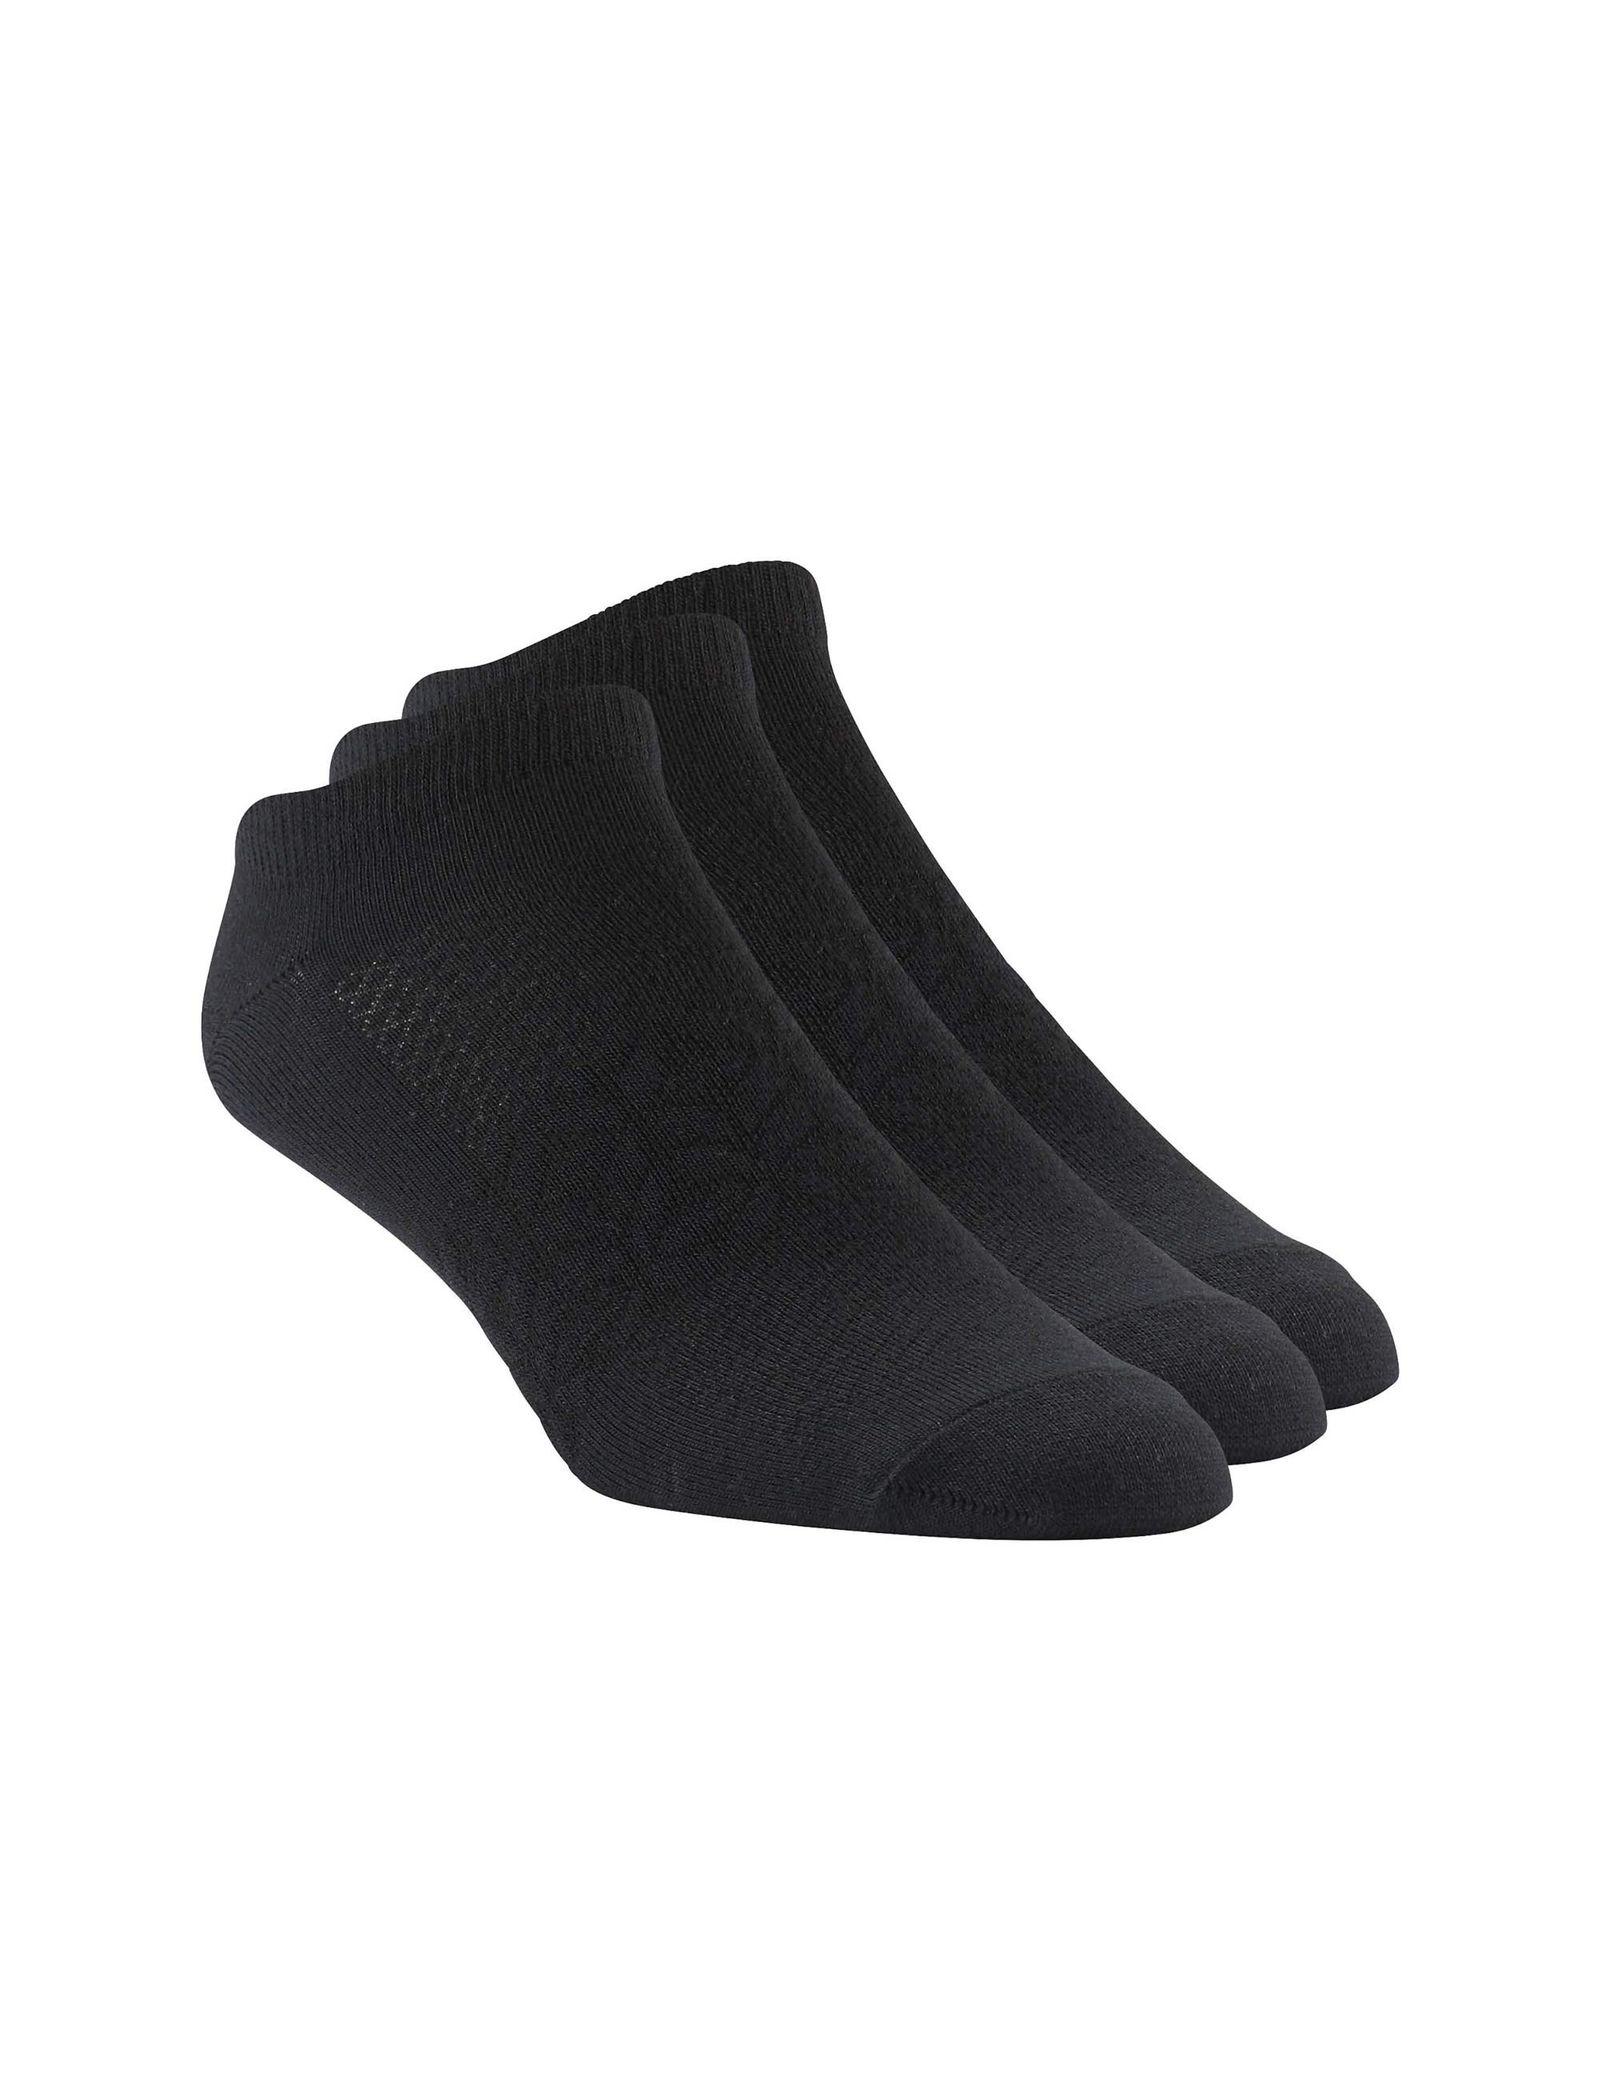 جوراب ورزشی بدون ساق مردانه بسته 3 عددی - ریباک - مشکي - 1